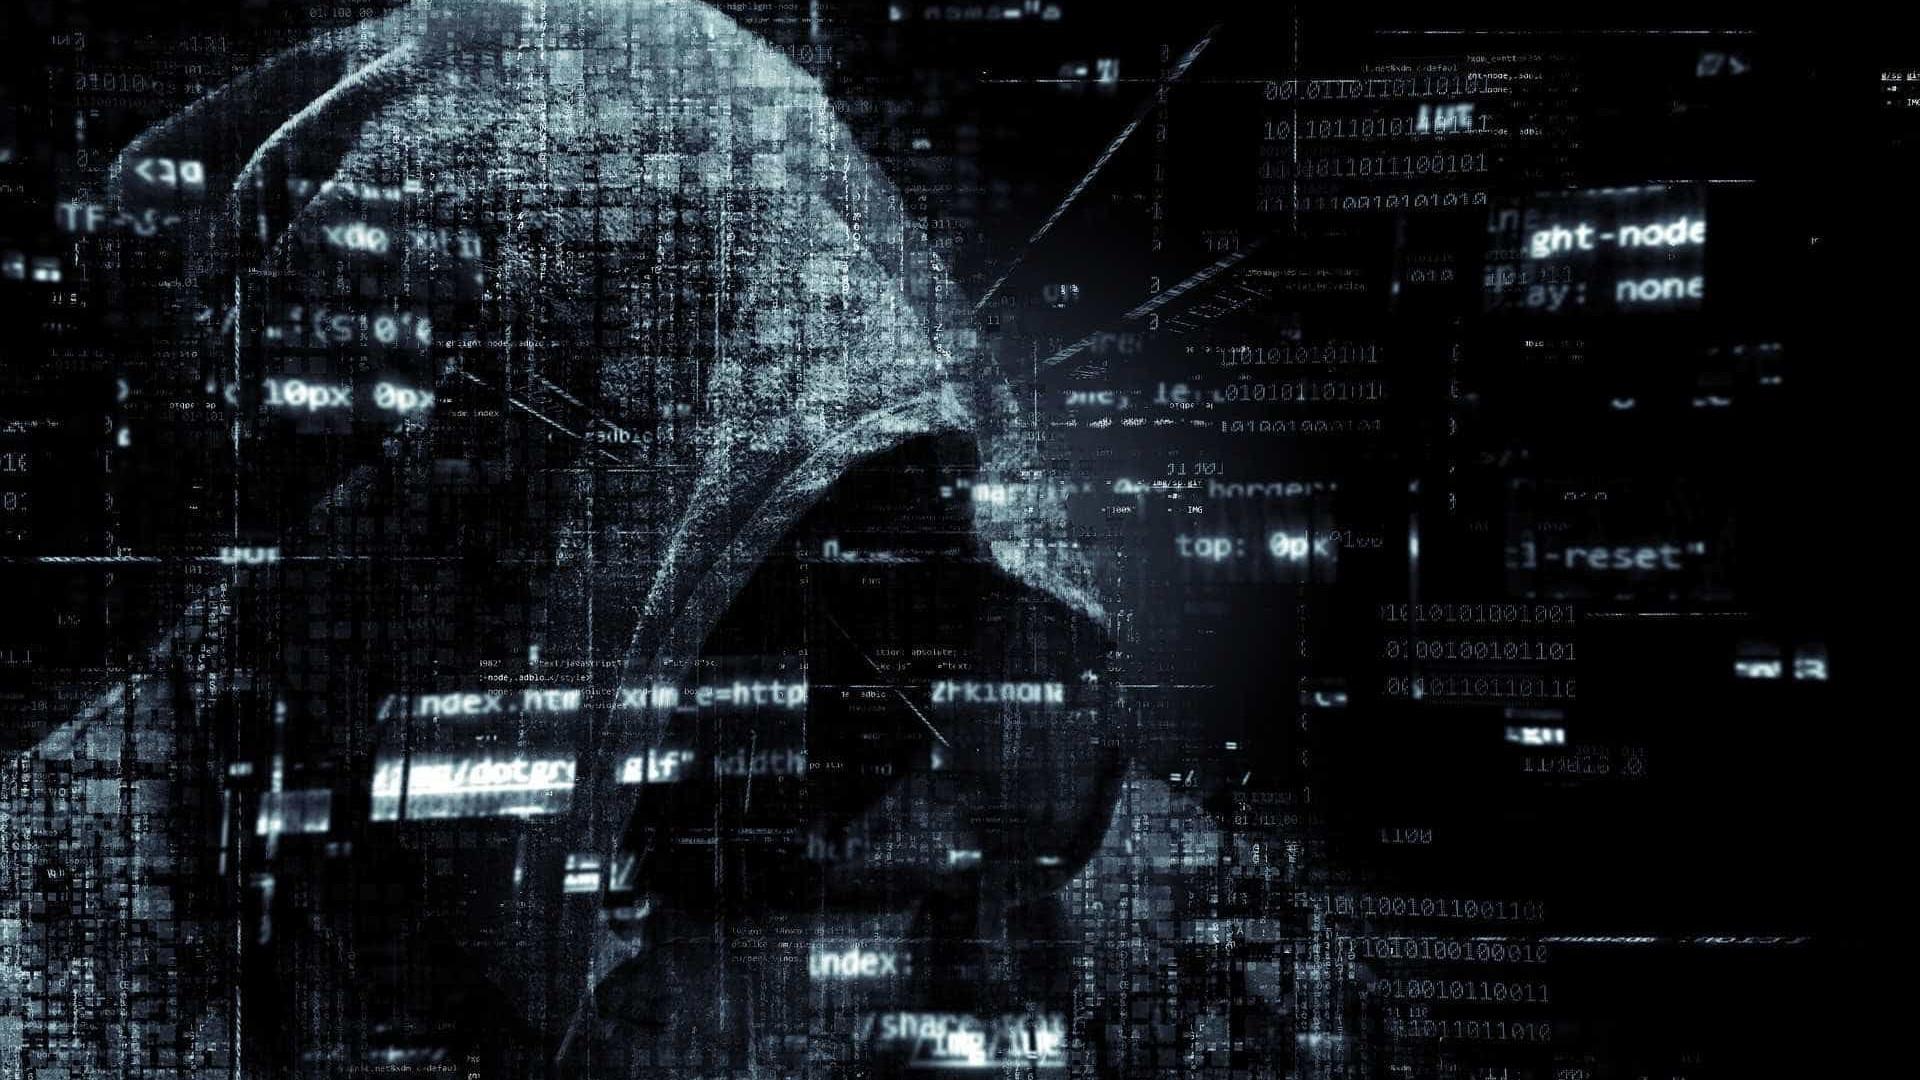 Hackers sequestram dados de PCs e pedem nudes como resgate